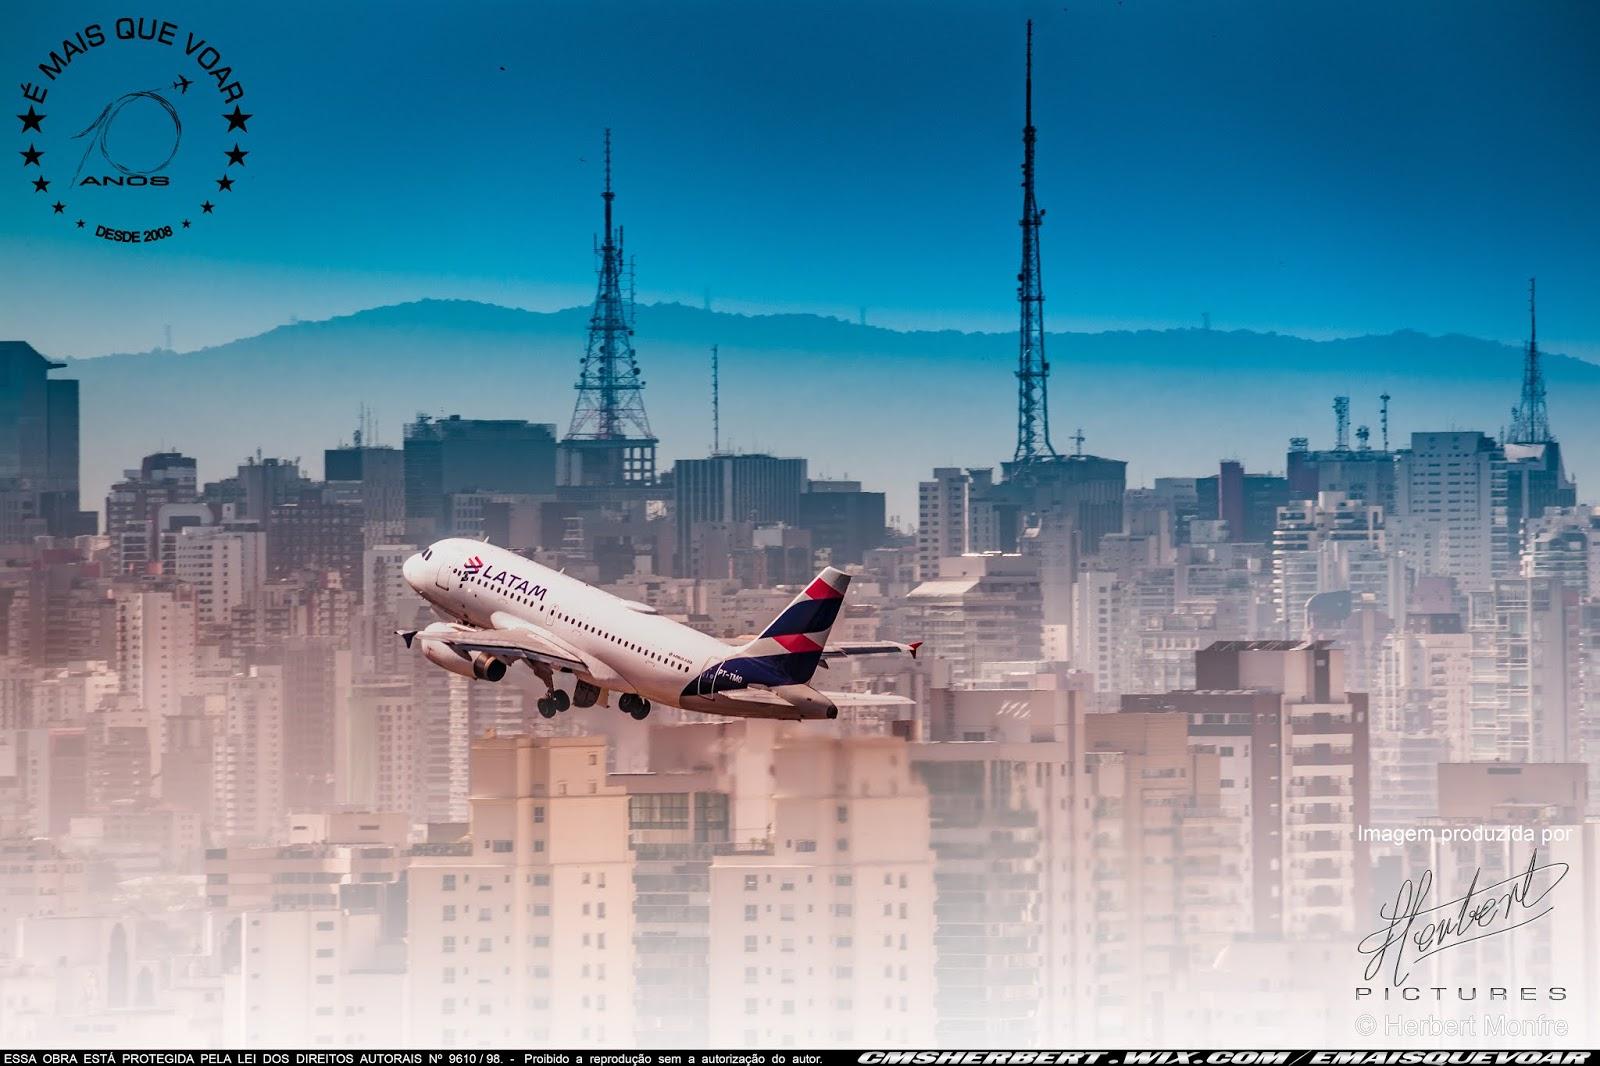 Grupo LATAM Airlines divulga estatísticas operacionais preliminares de fevereiro de 2019 | É MAIS QUE VOAR